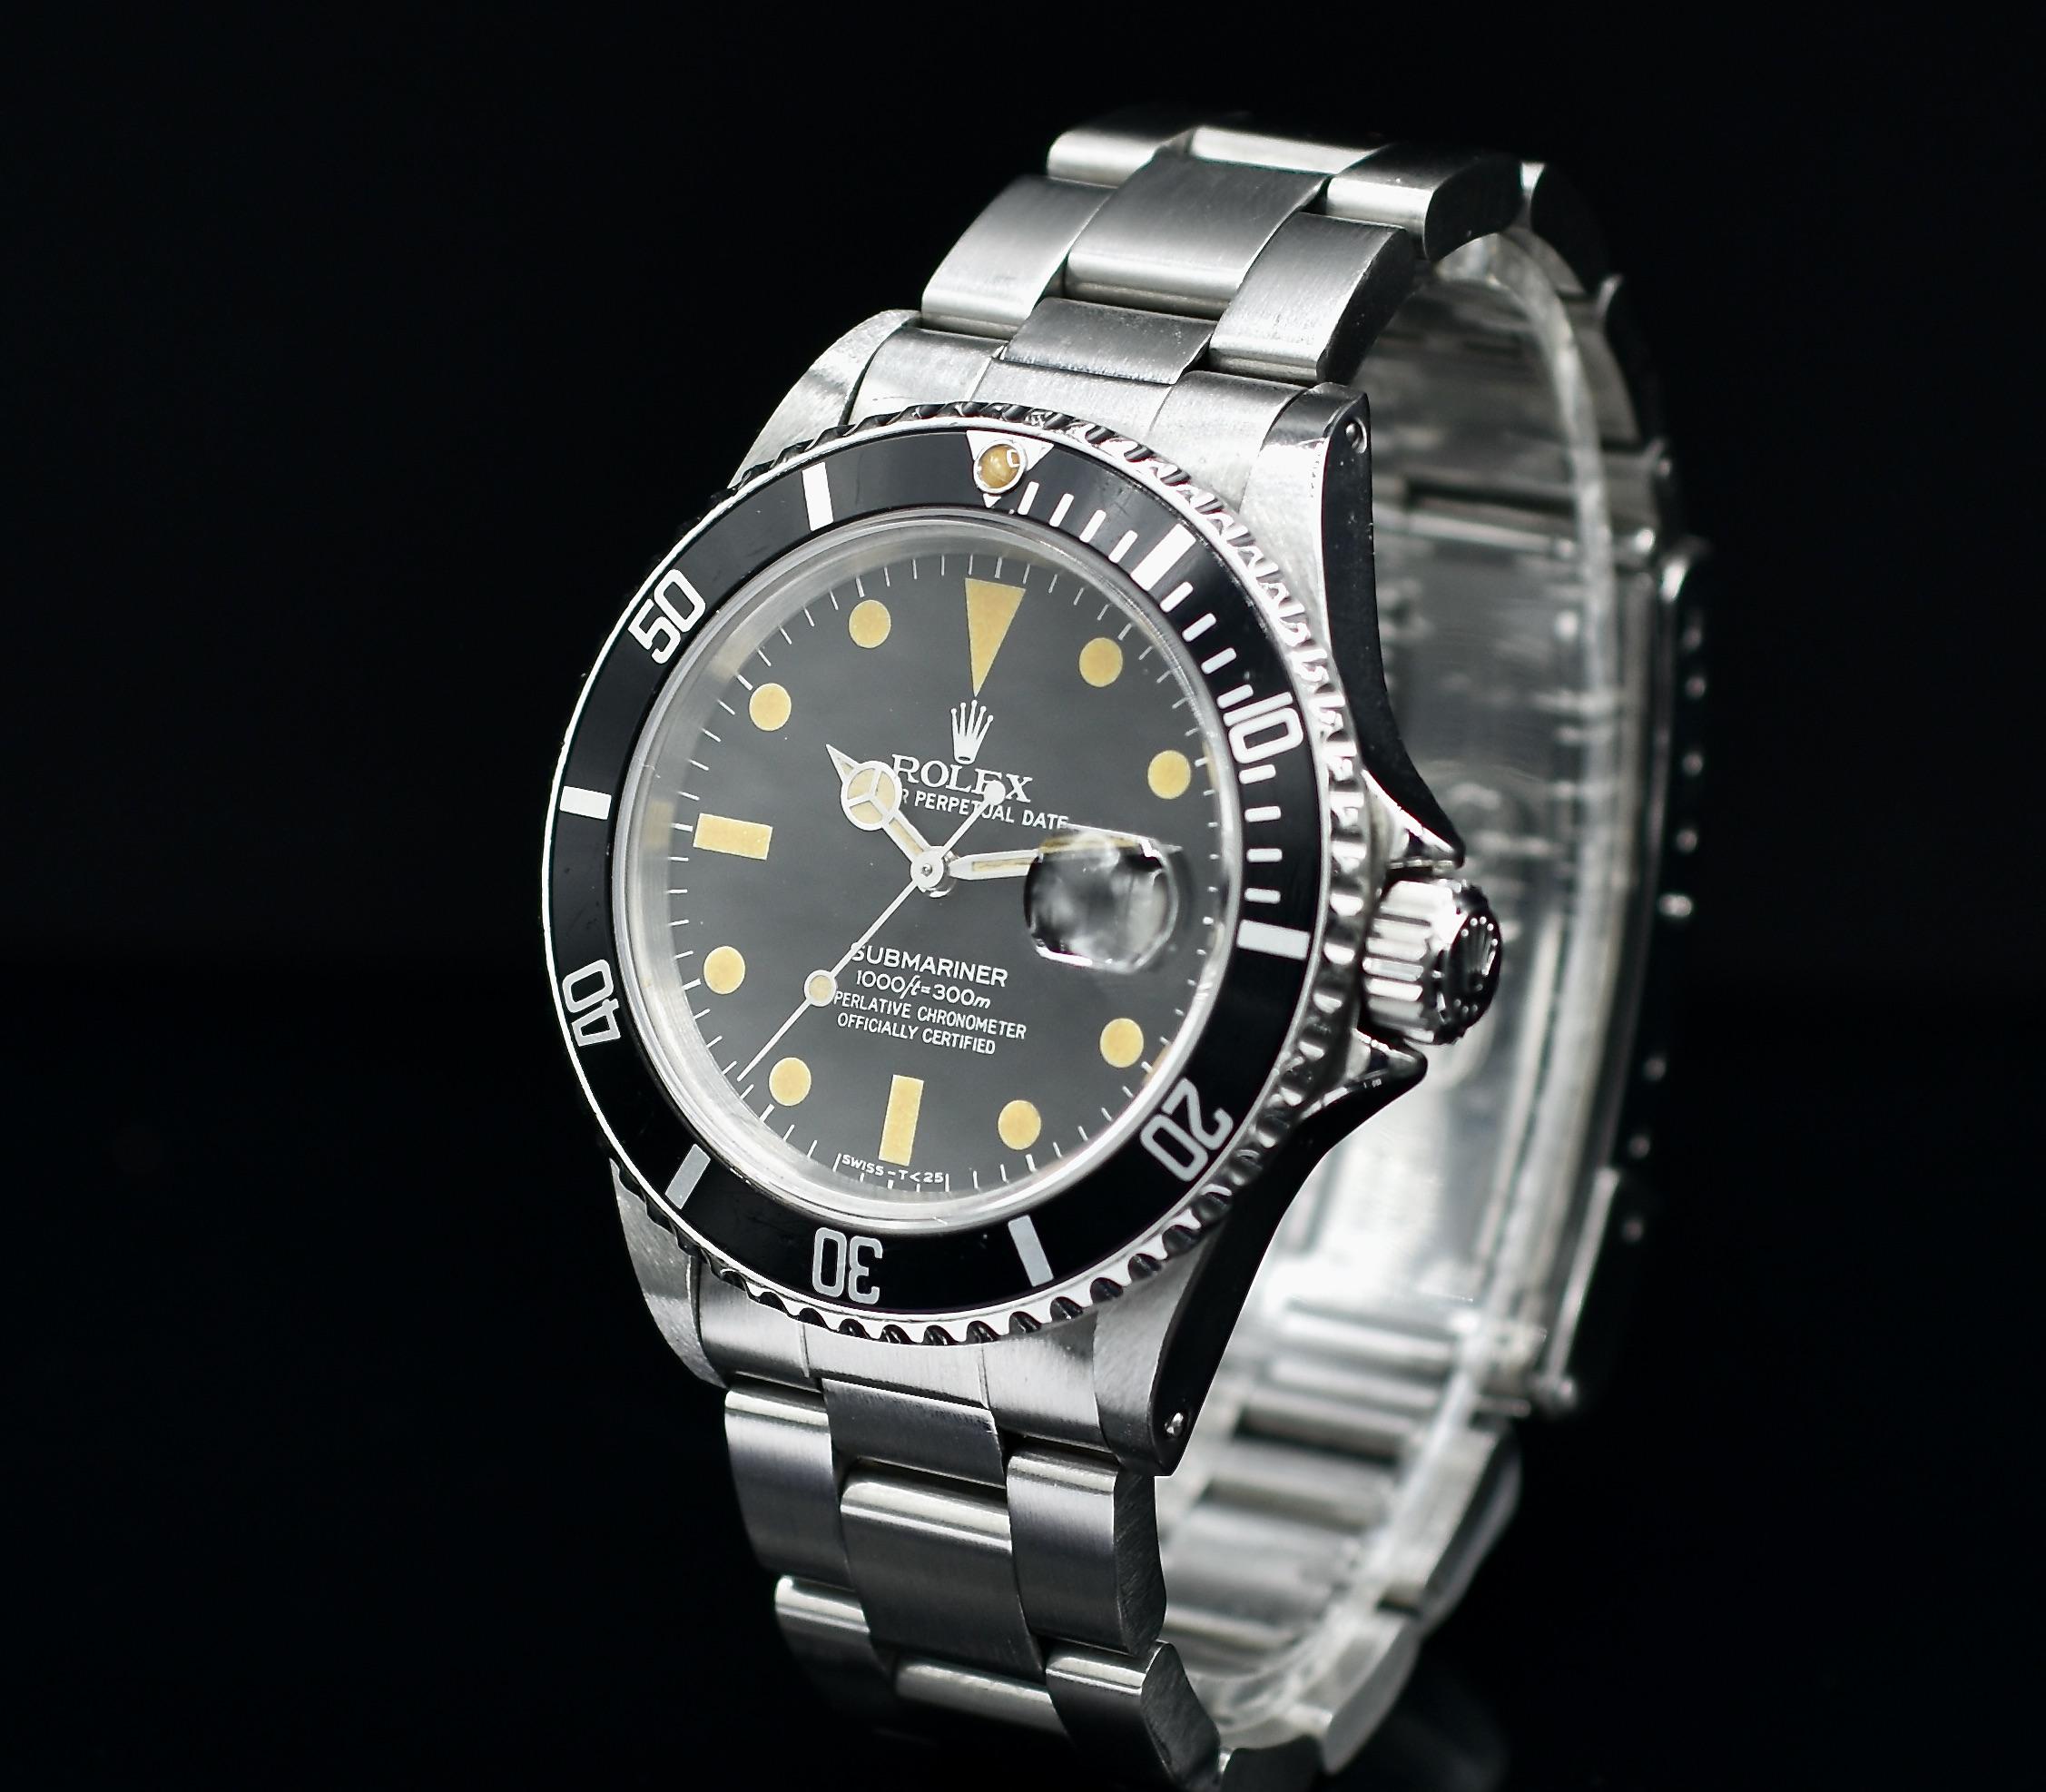 Rolex Submariner de face en plan incliné